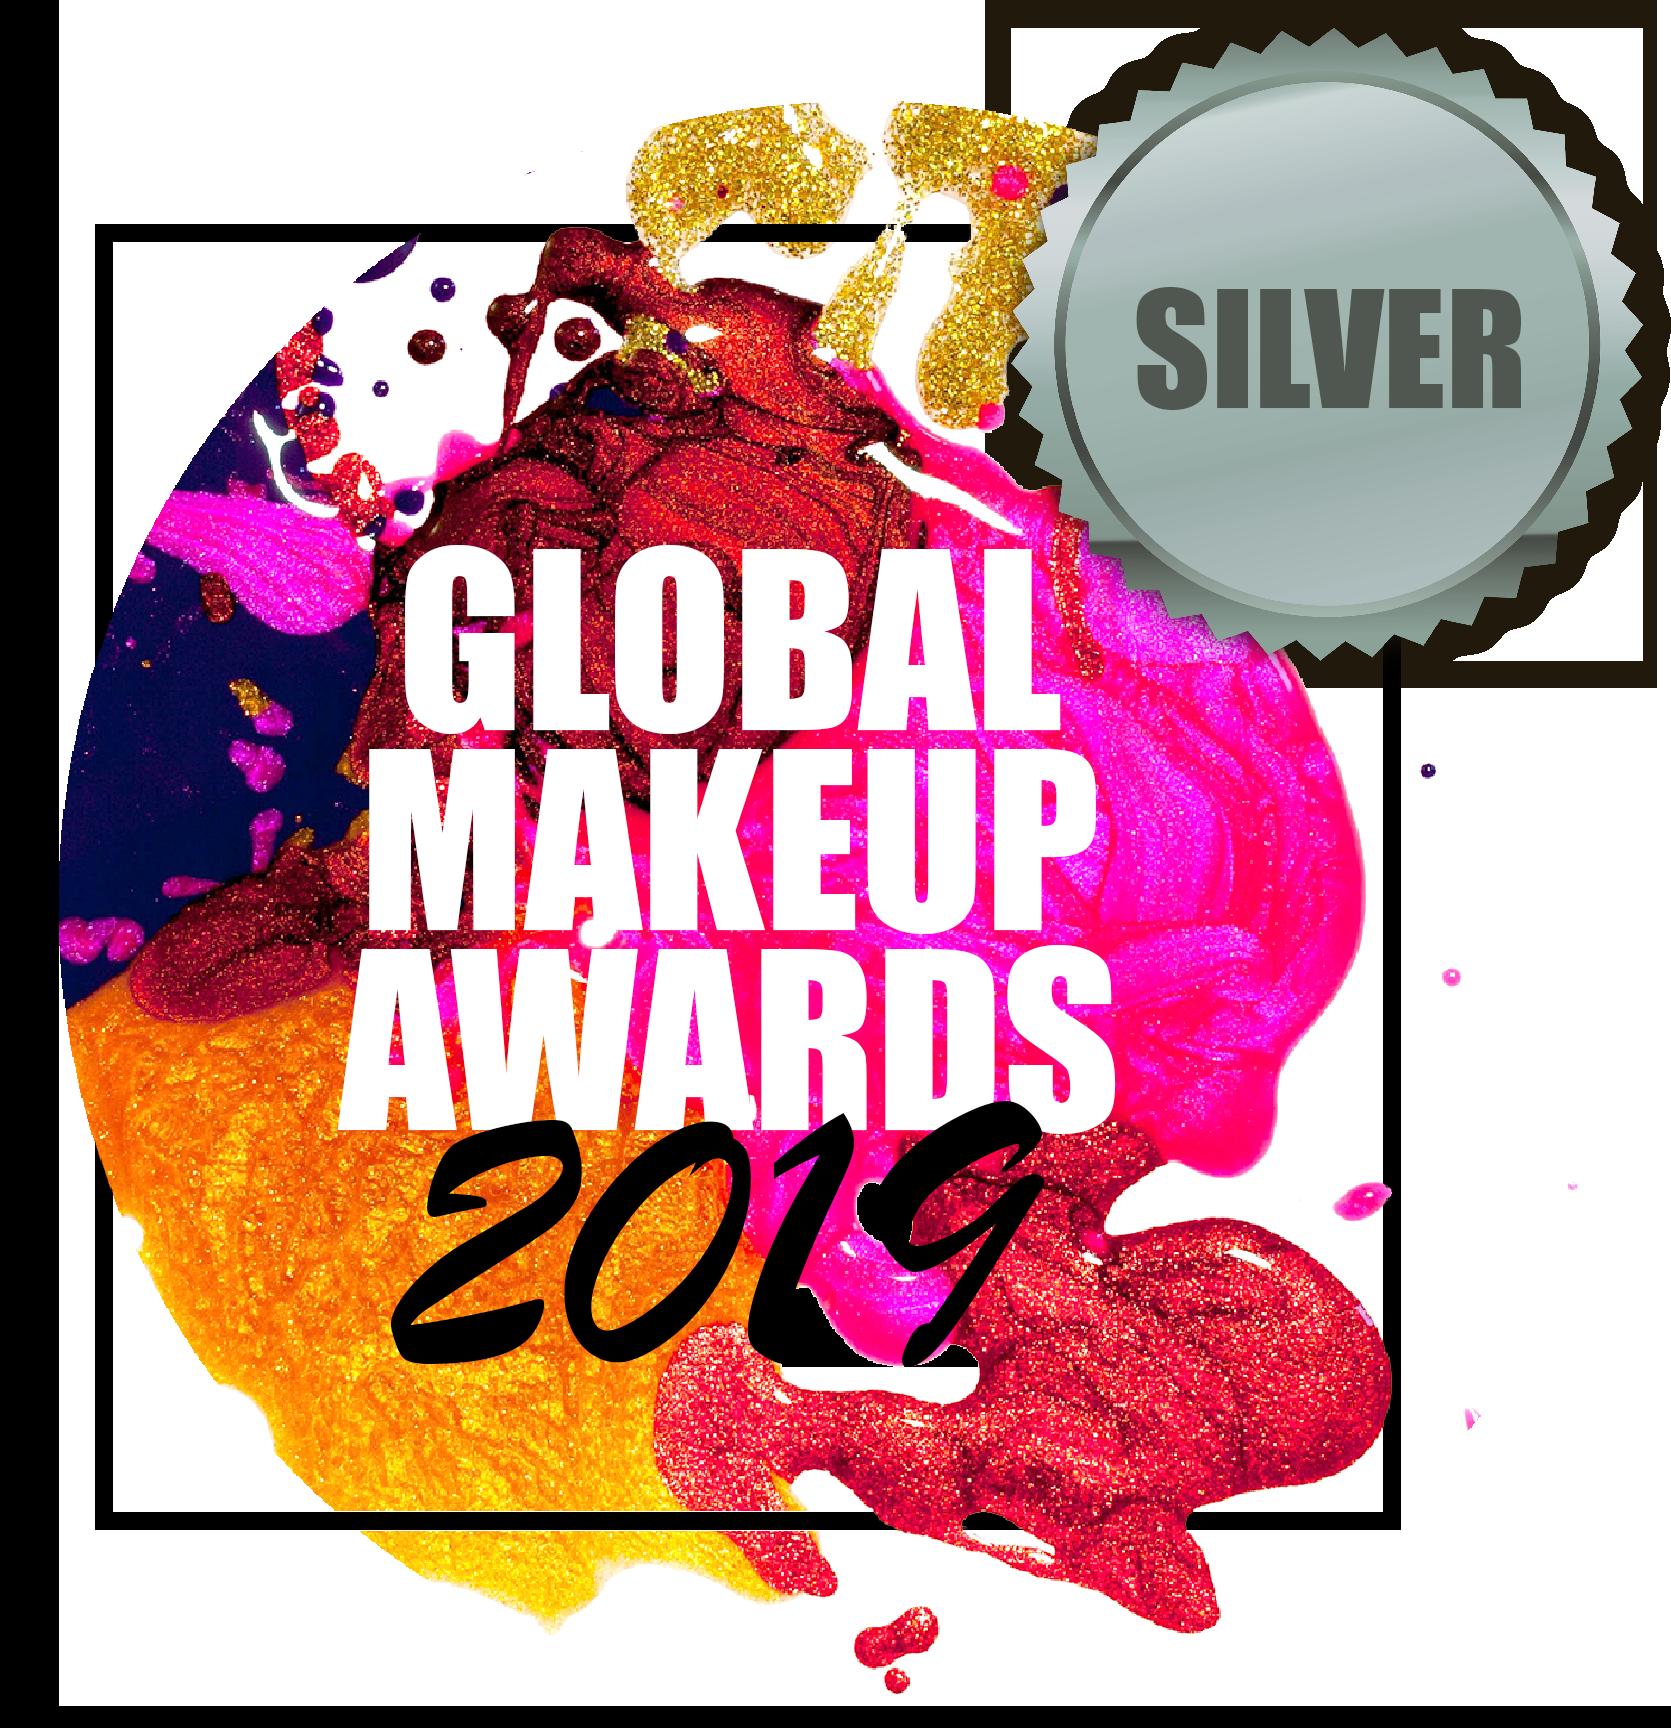 global-makeup-awards-silver-2019.png